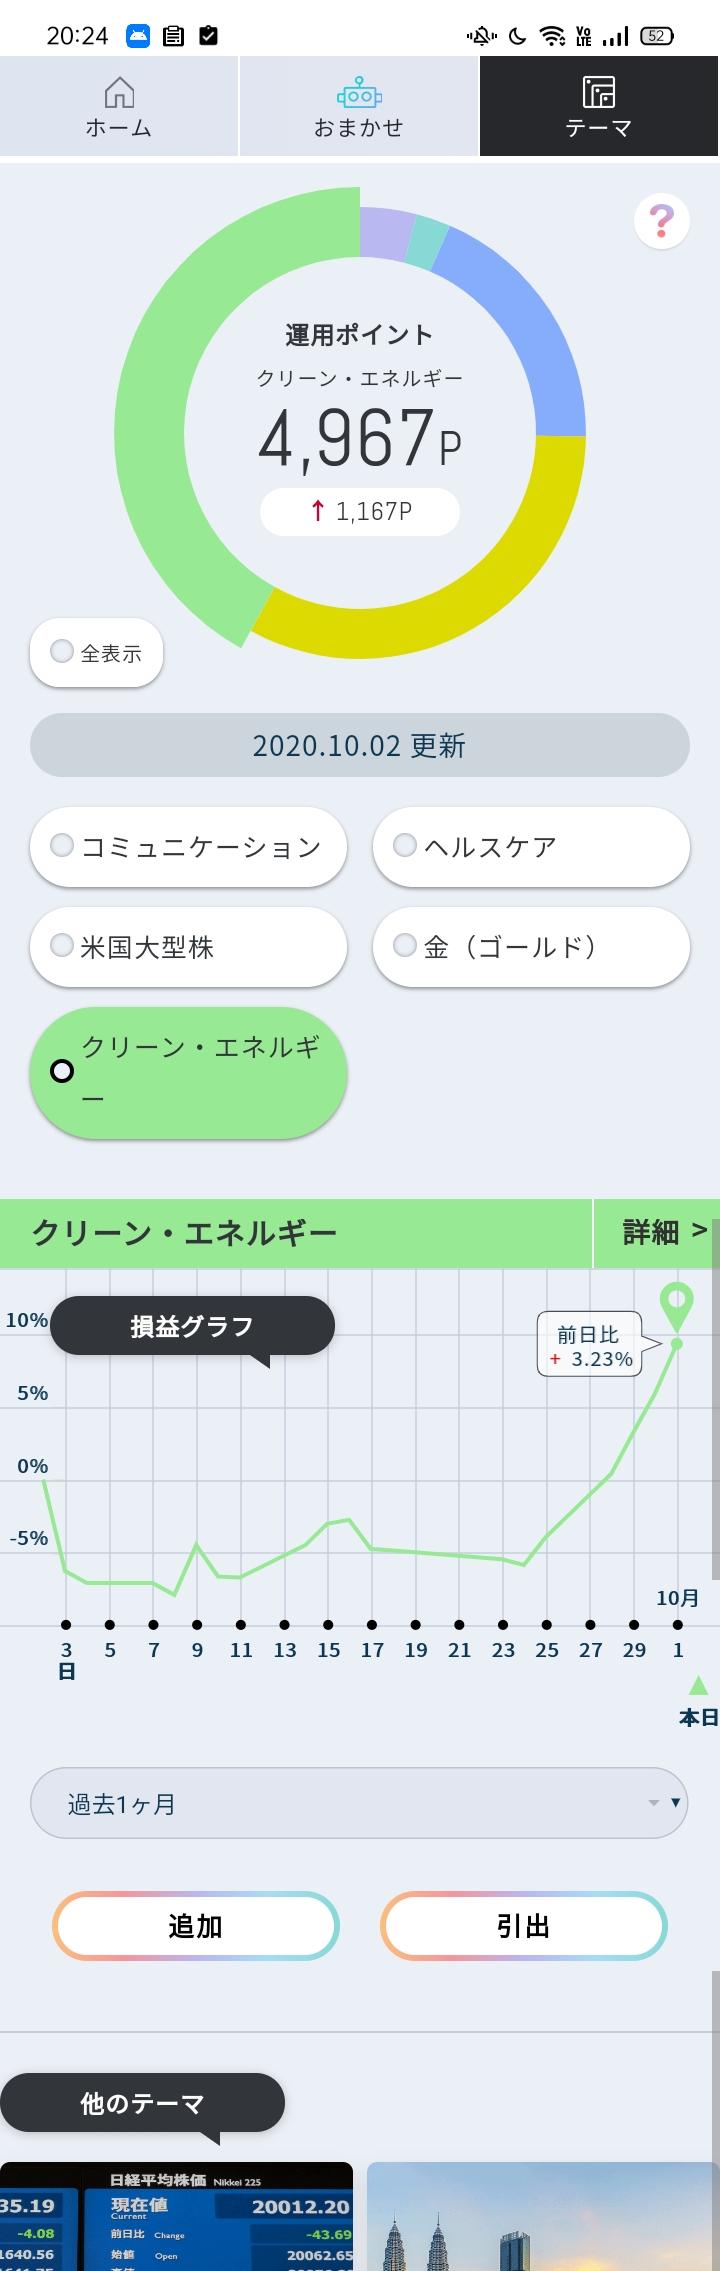 エネルギー 株 クリーン